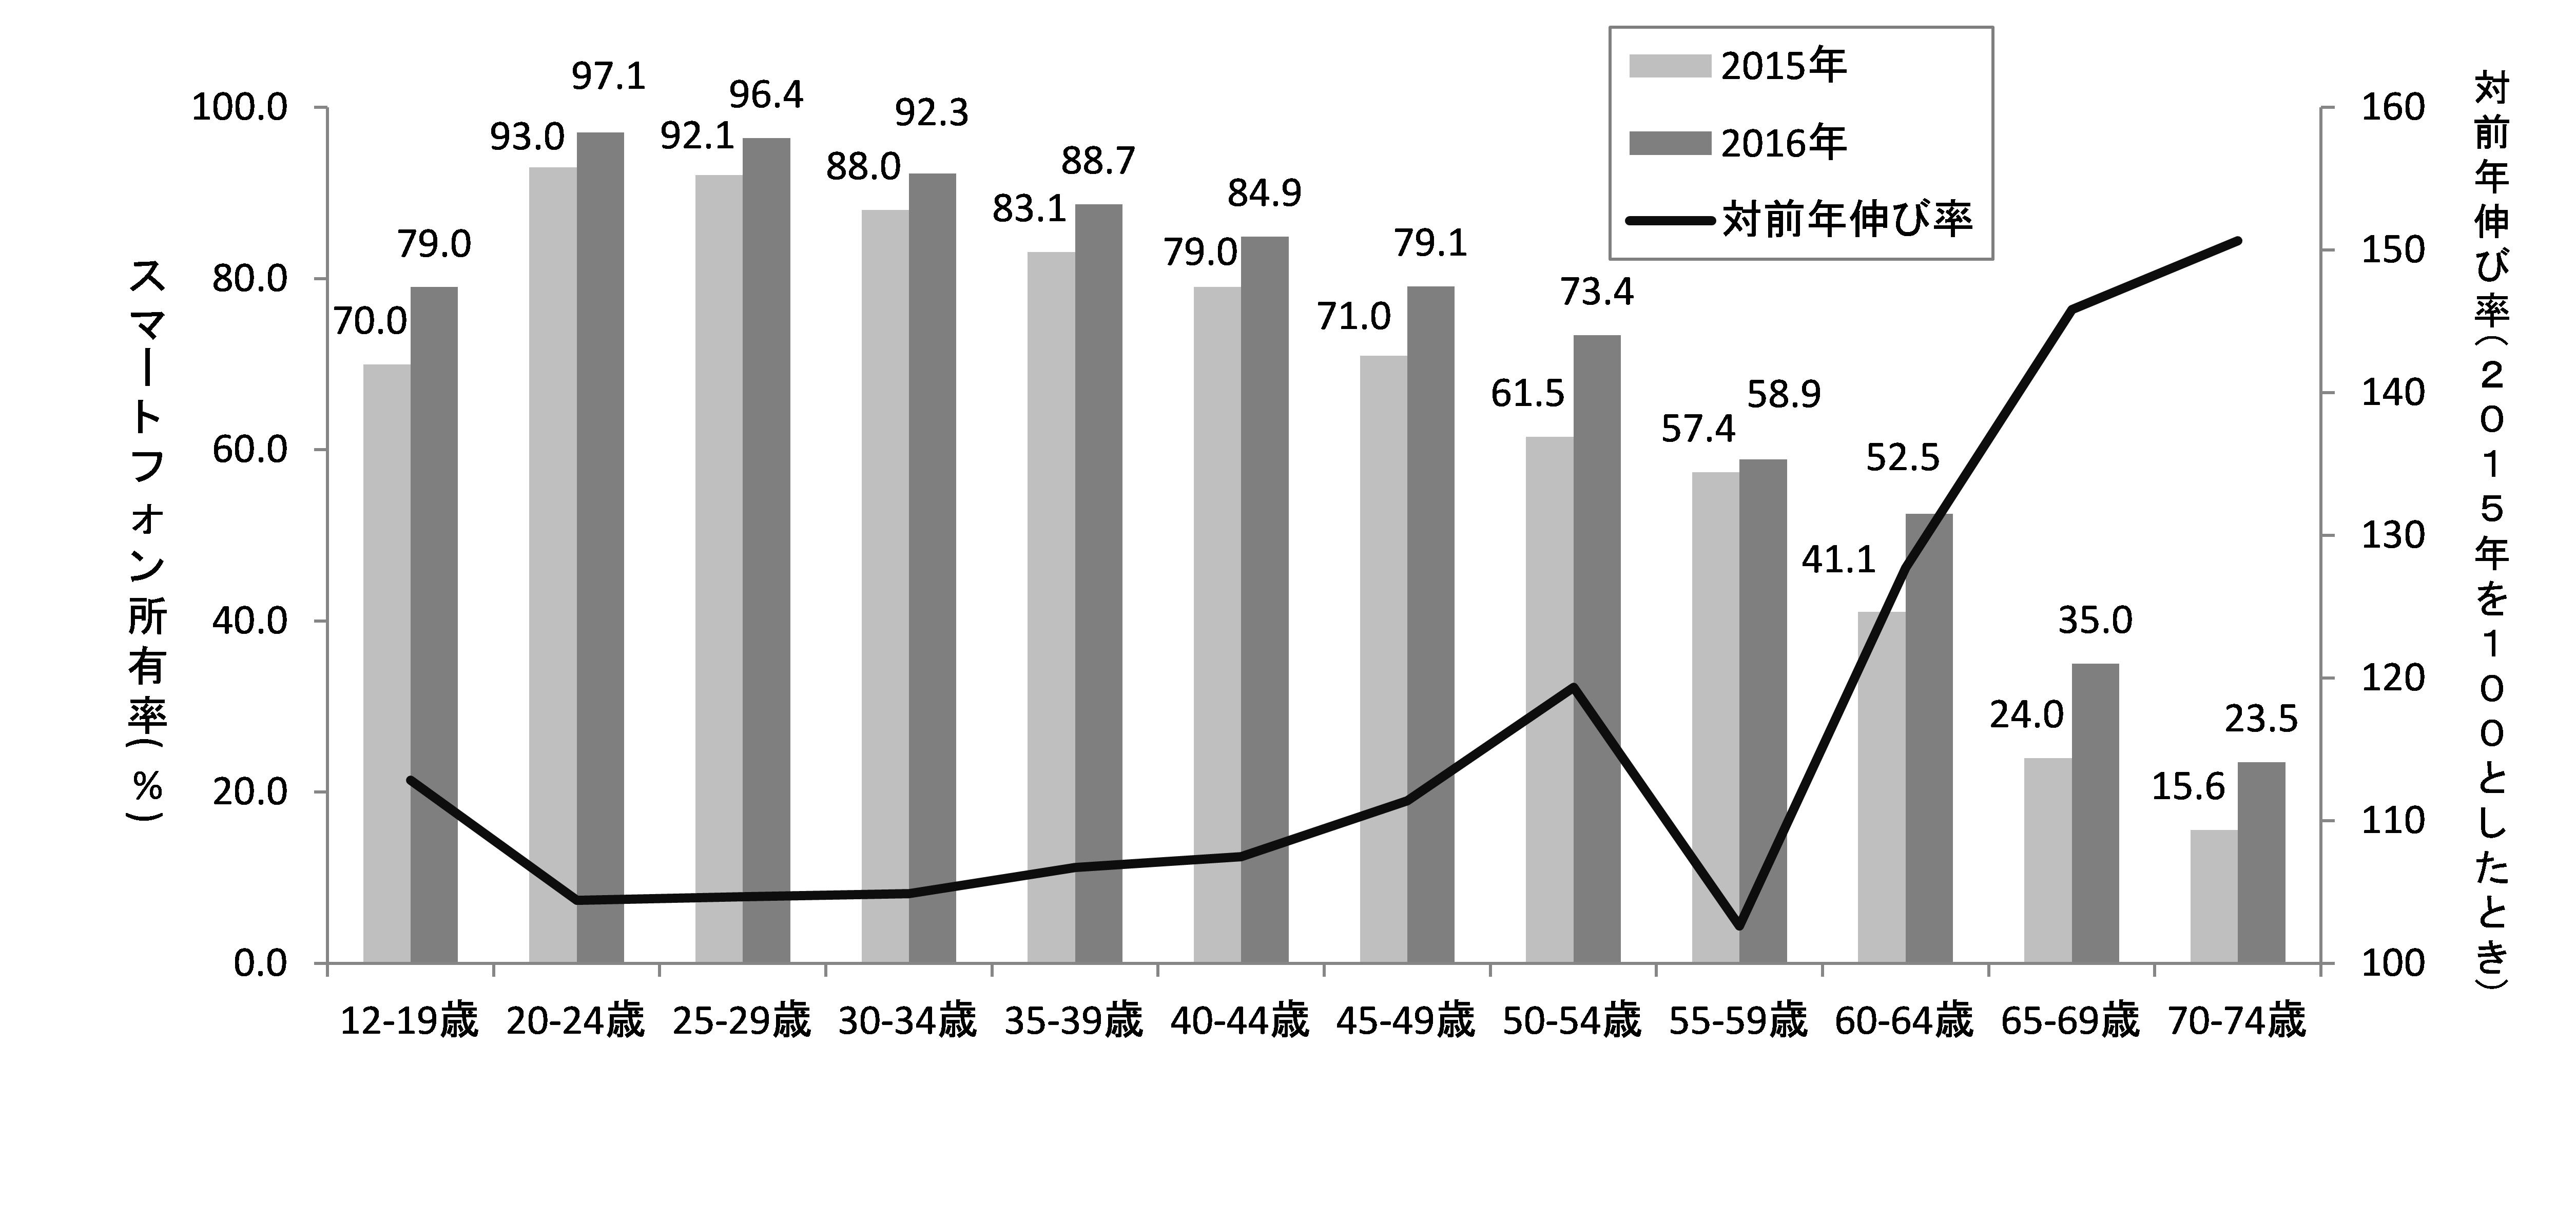 【グラフ1】スマホ所有率と伸び率